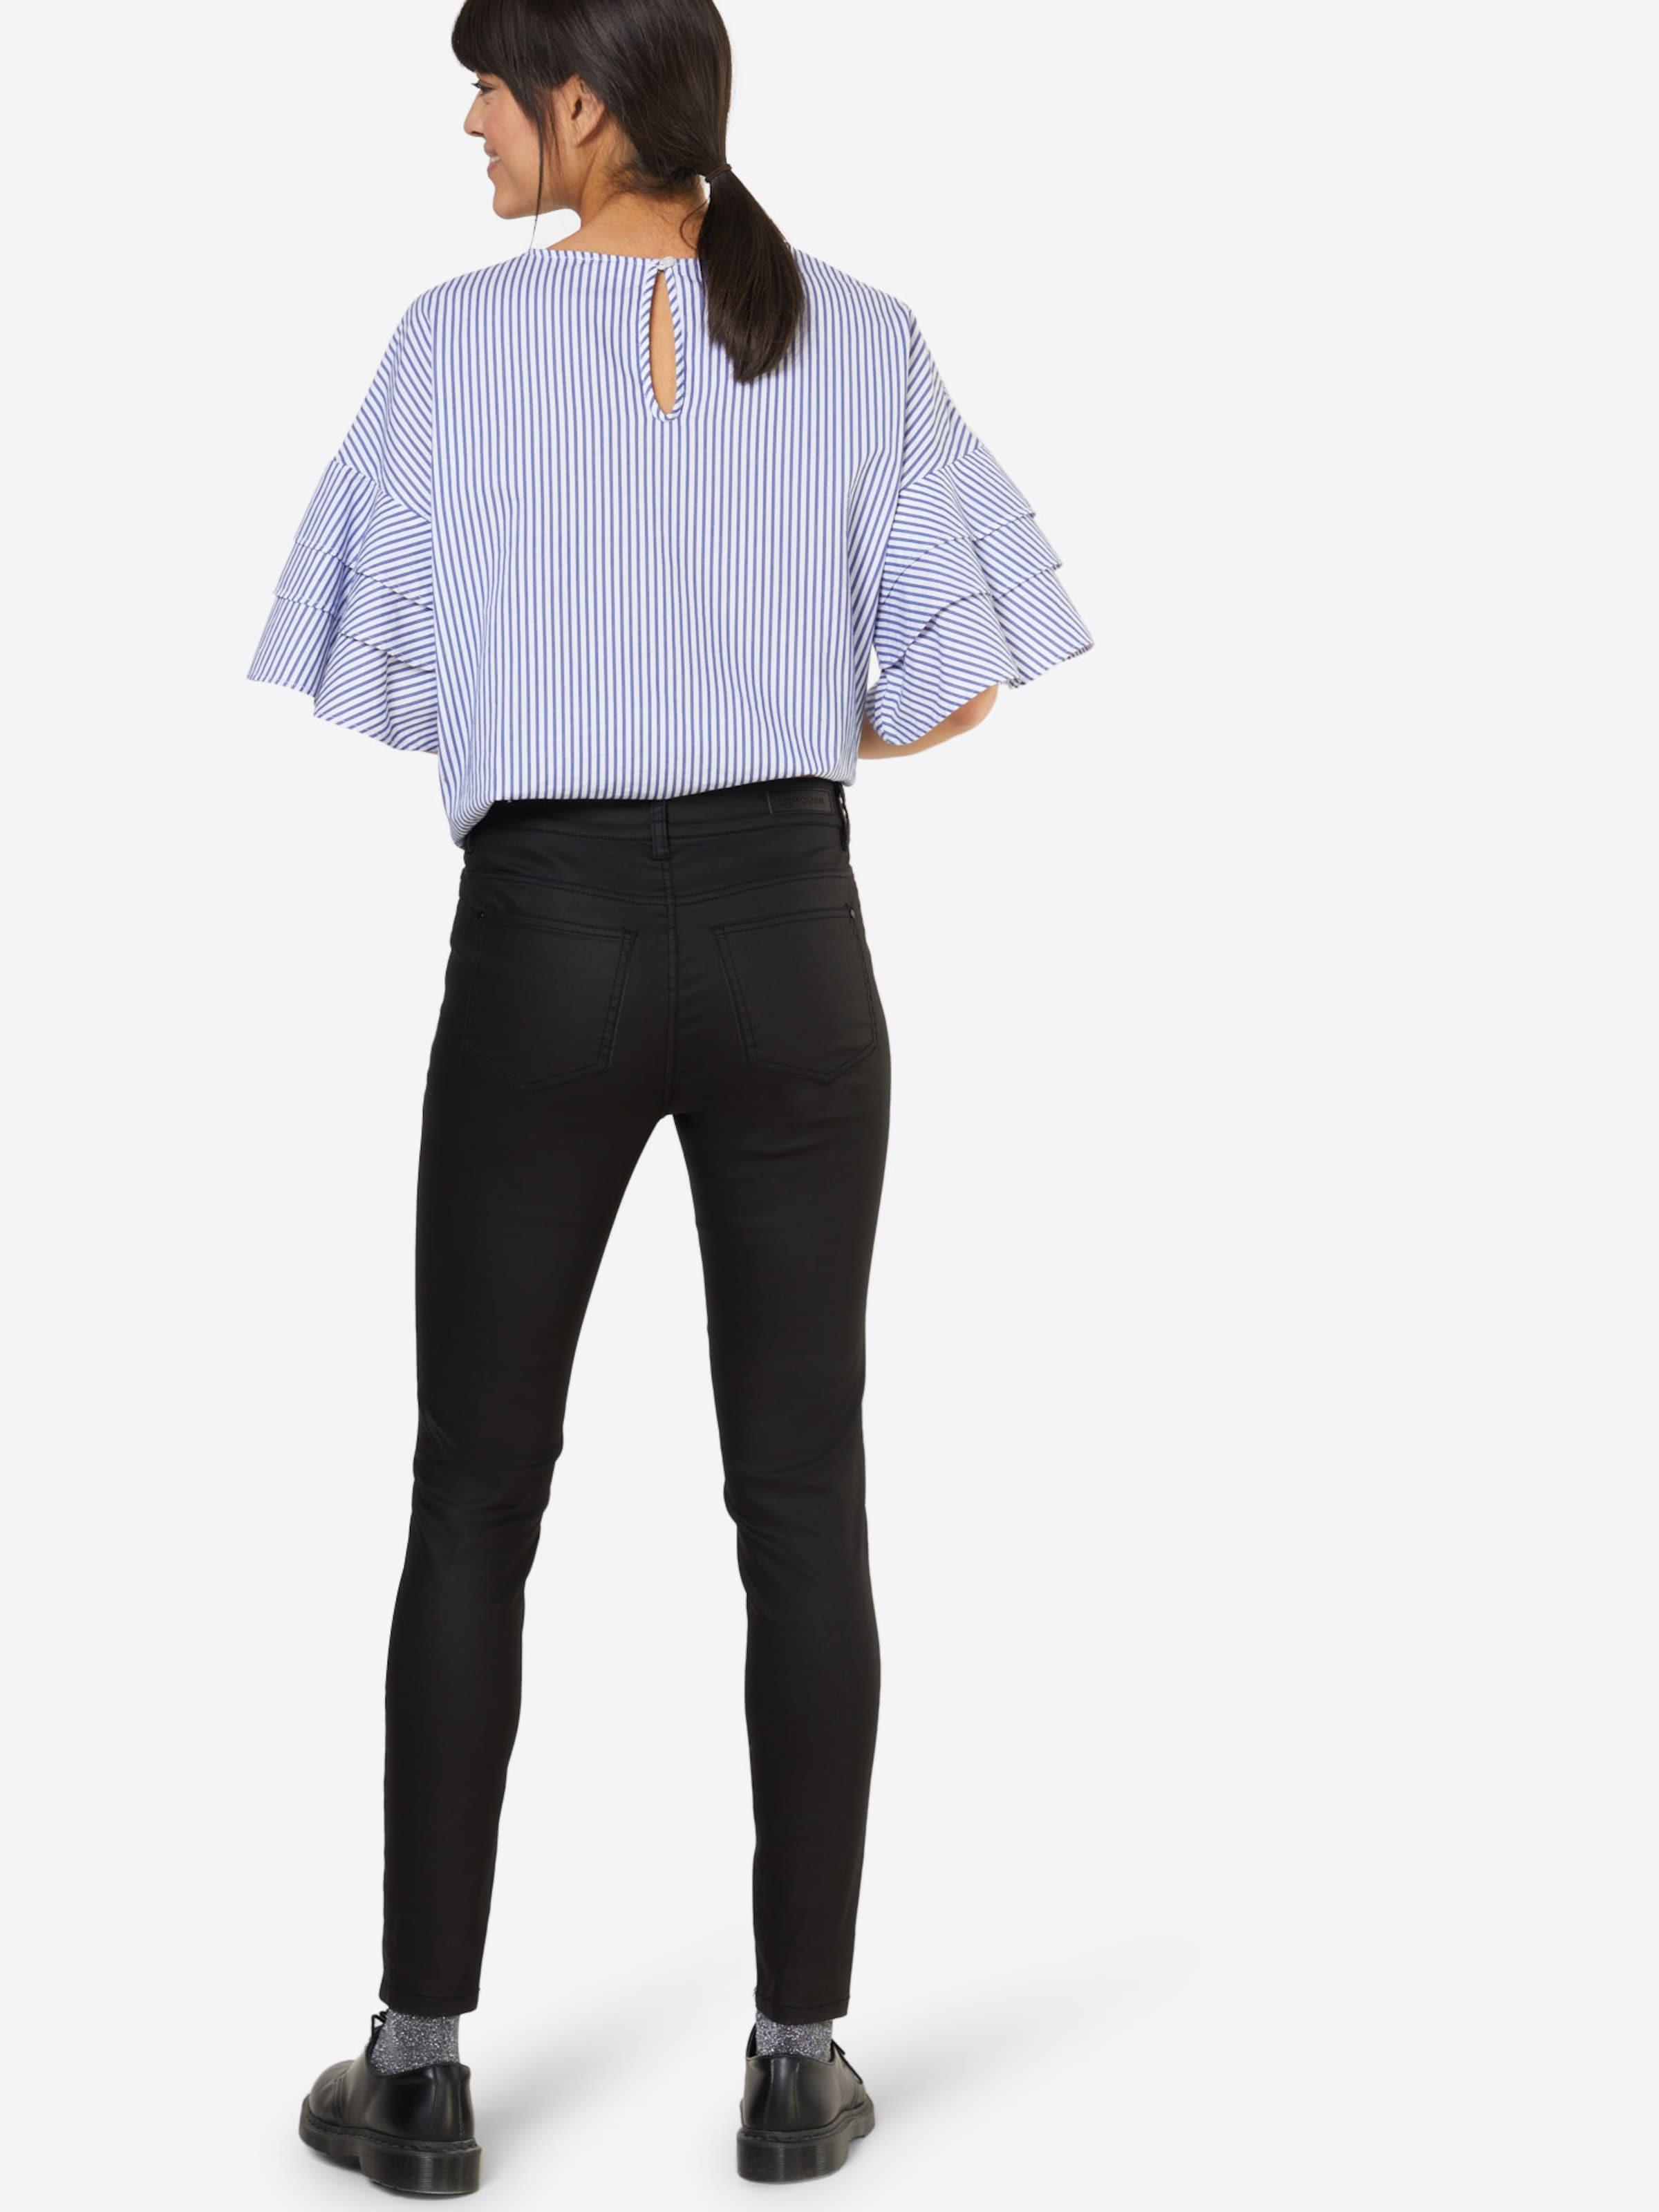 Jacqueline Yong Noir En Pantalon De 35RjcqAL4